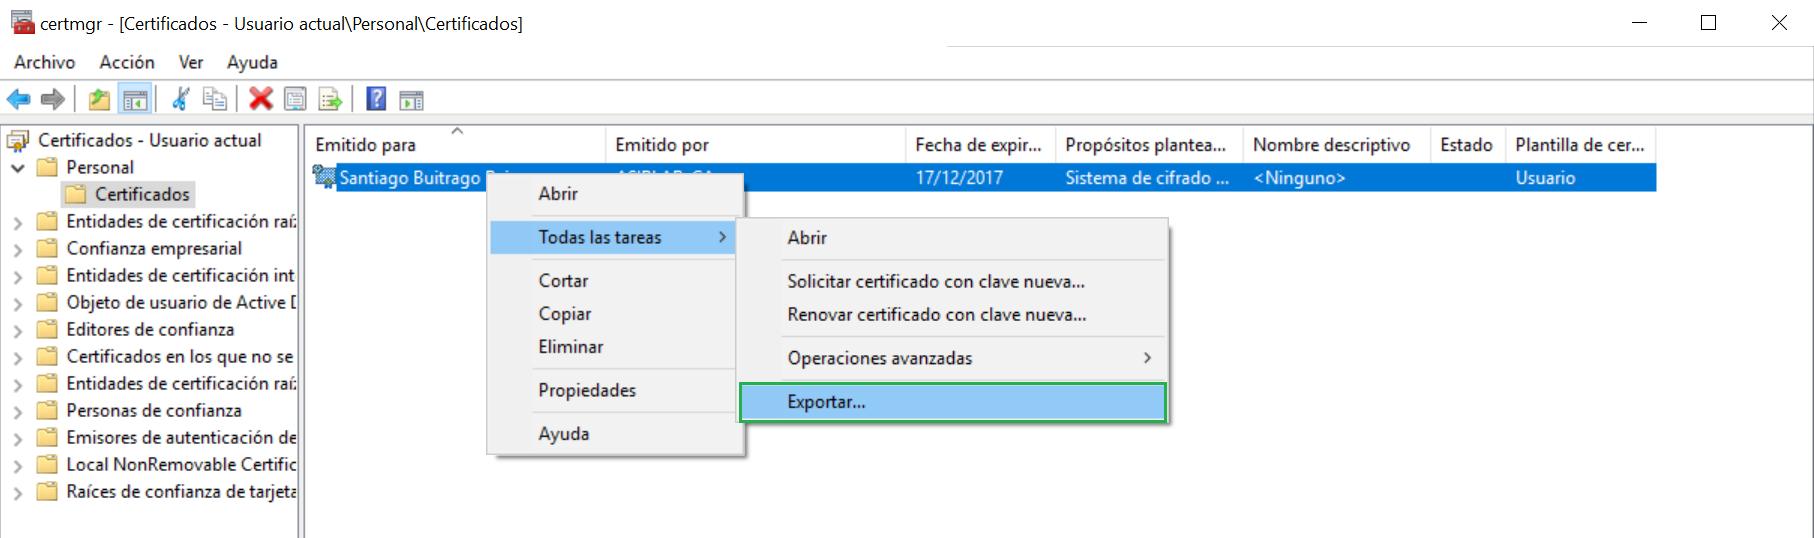 instalar_certificados_usuarios_via_gpo_00